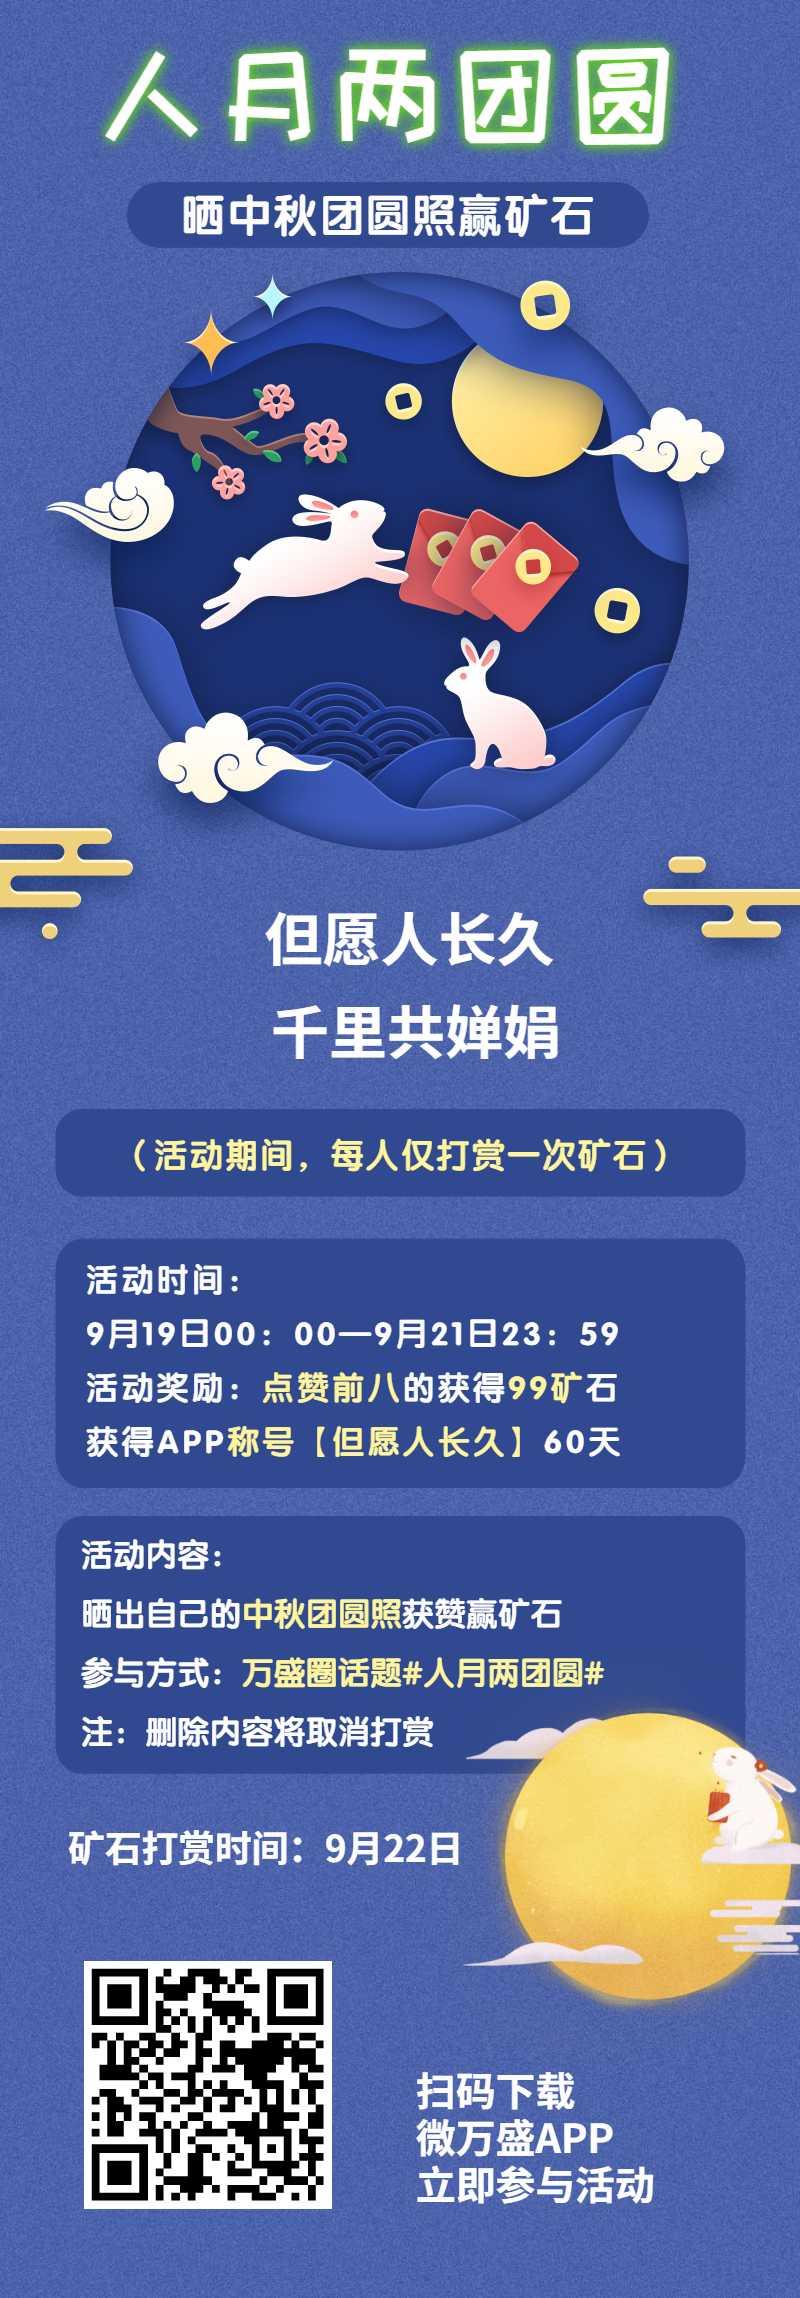 中秋节晚会活动介绍长图海报 (2).jpg